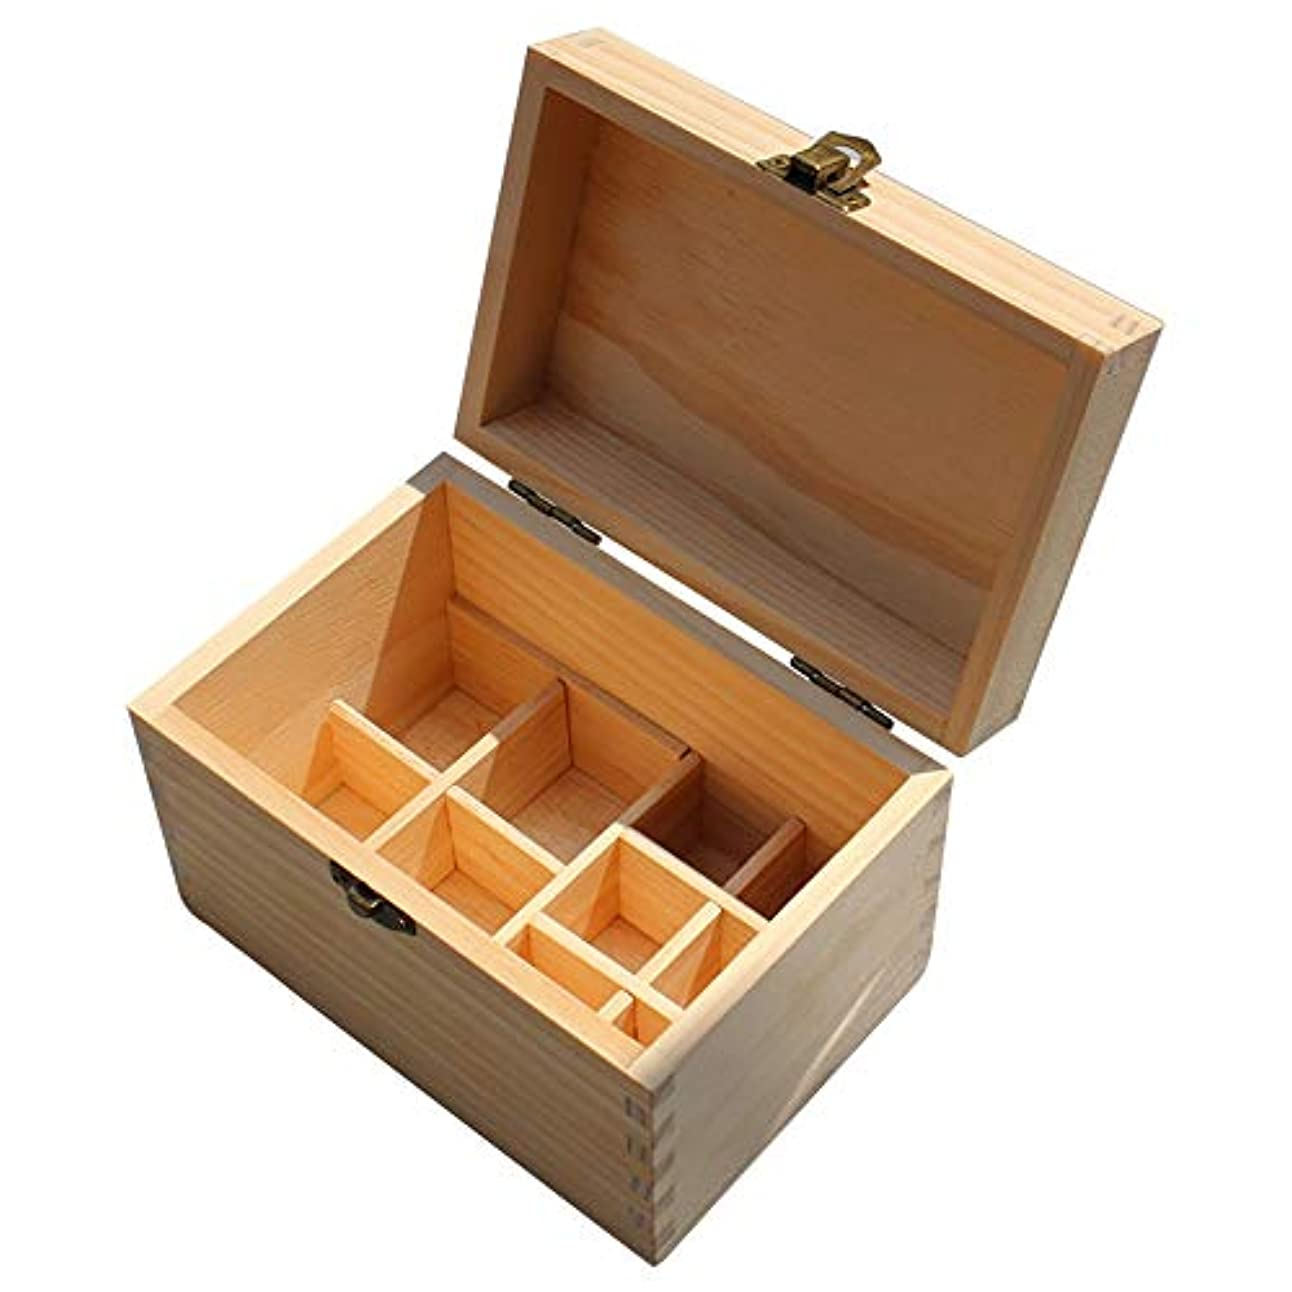 ムス命令的公式エッセンシャルオイルの保管 10スロット木エッセンシャルオイルボックスオーガナイザーパーフェクトエッセンシャルオイルケース (色 : Natural, サイズ : 16.2X10.8X11CM)